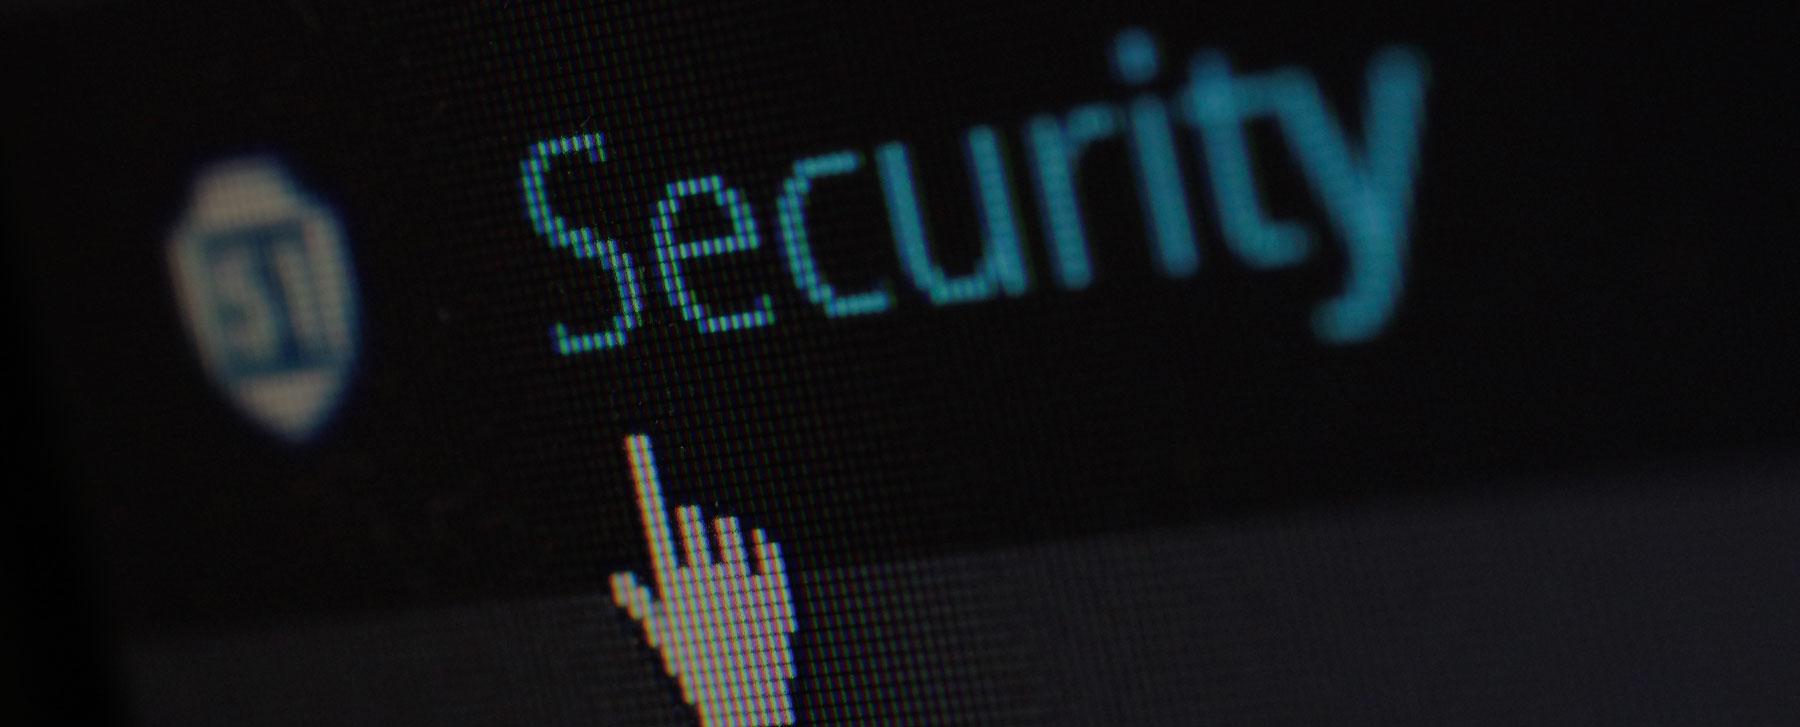 Certificado de seguridad SSL ¿Por qué es tan importante?